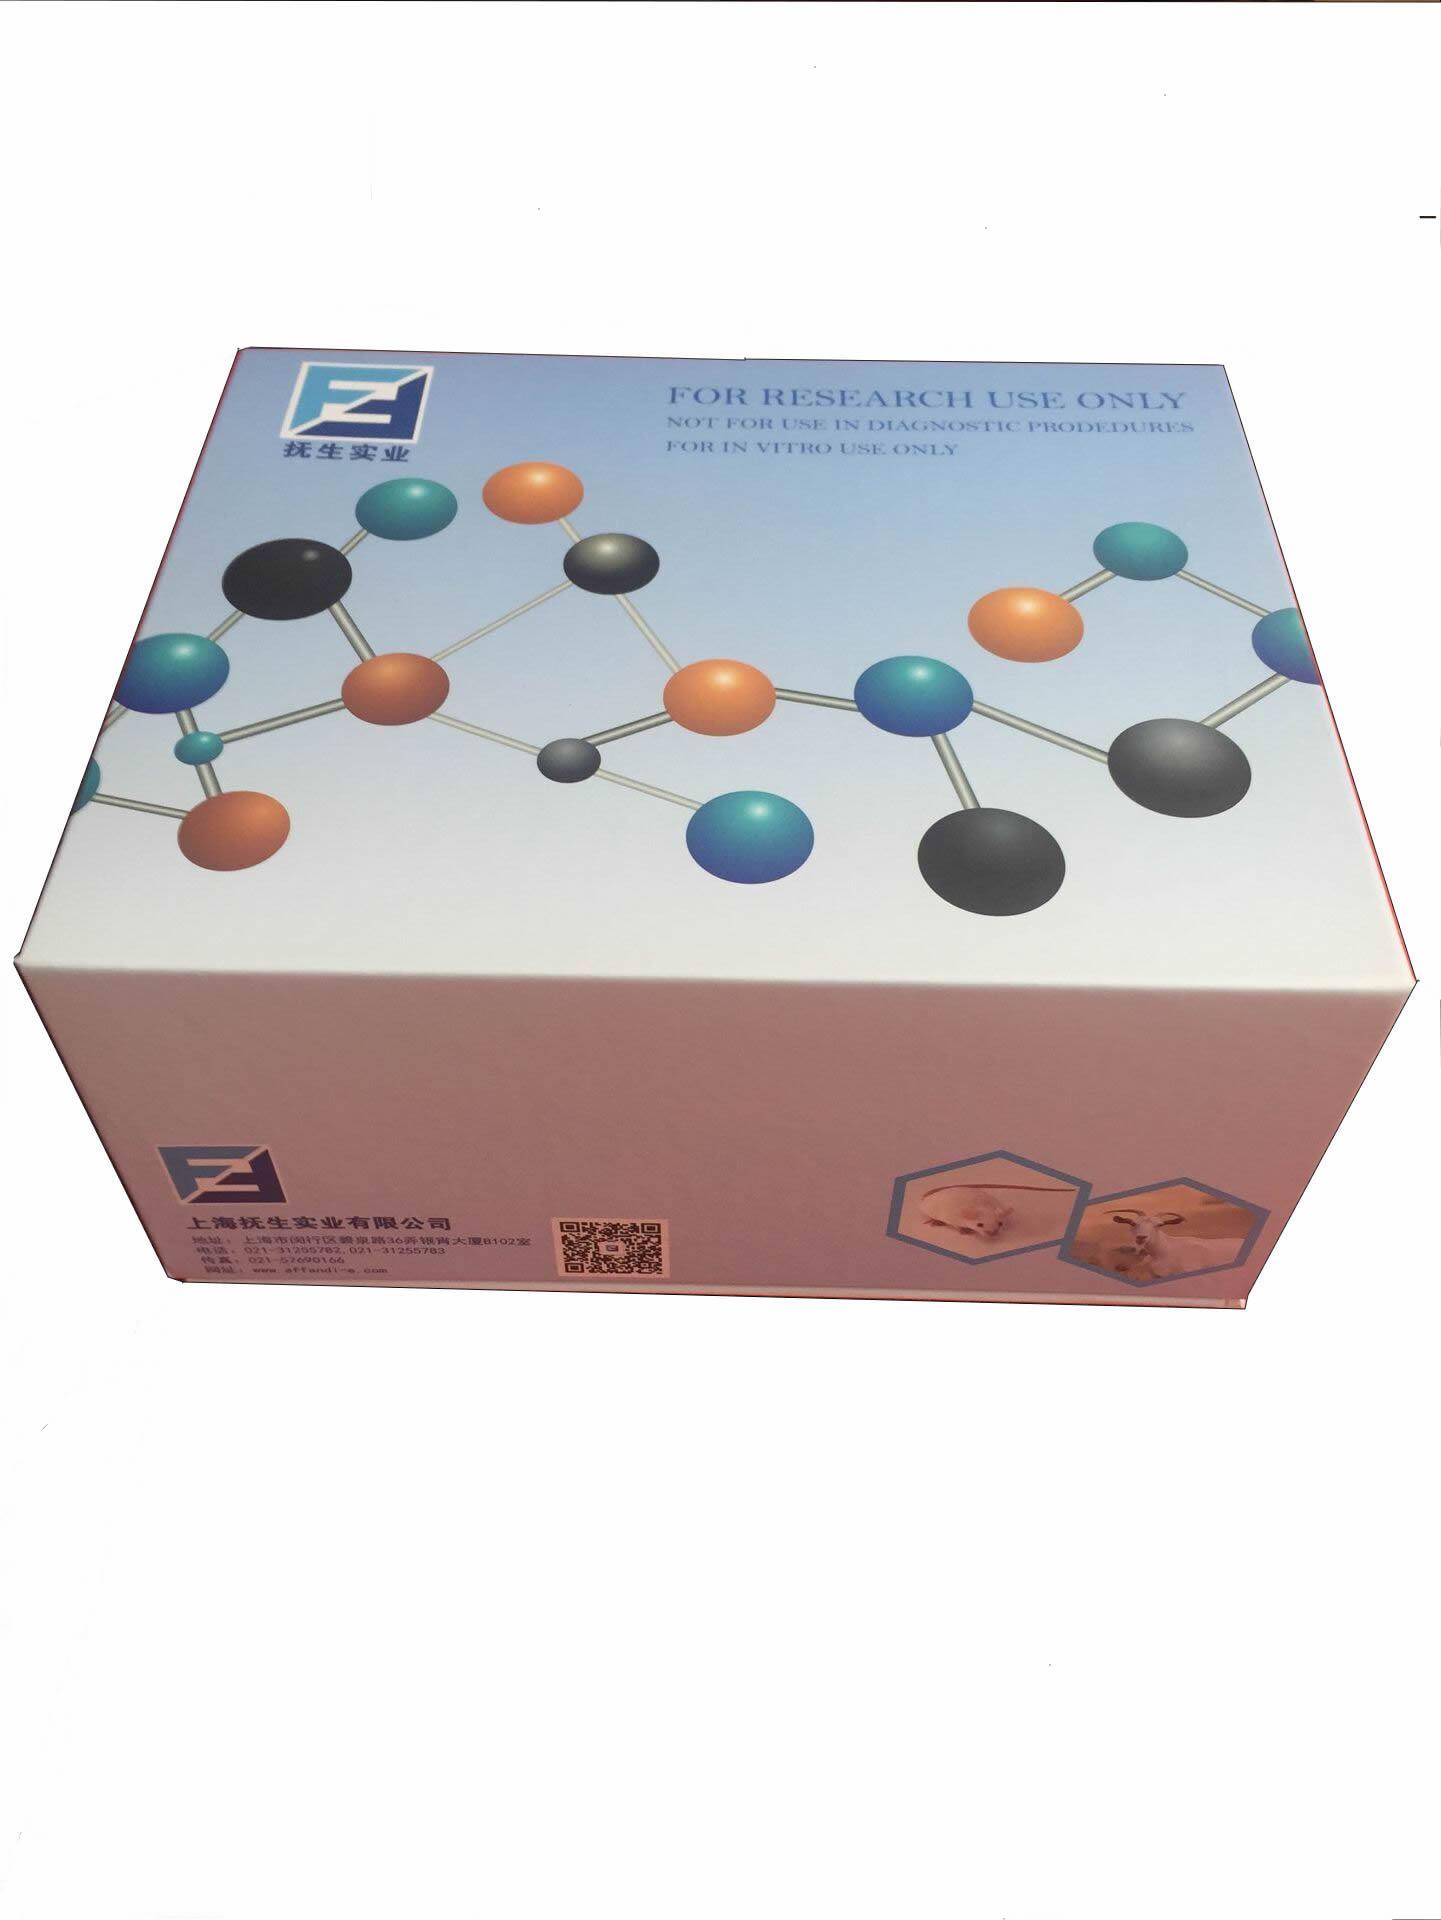 黃質醛脫氫酶檢測試劑盒??